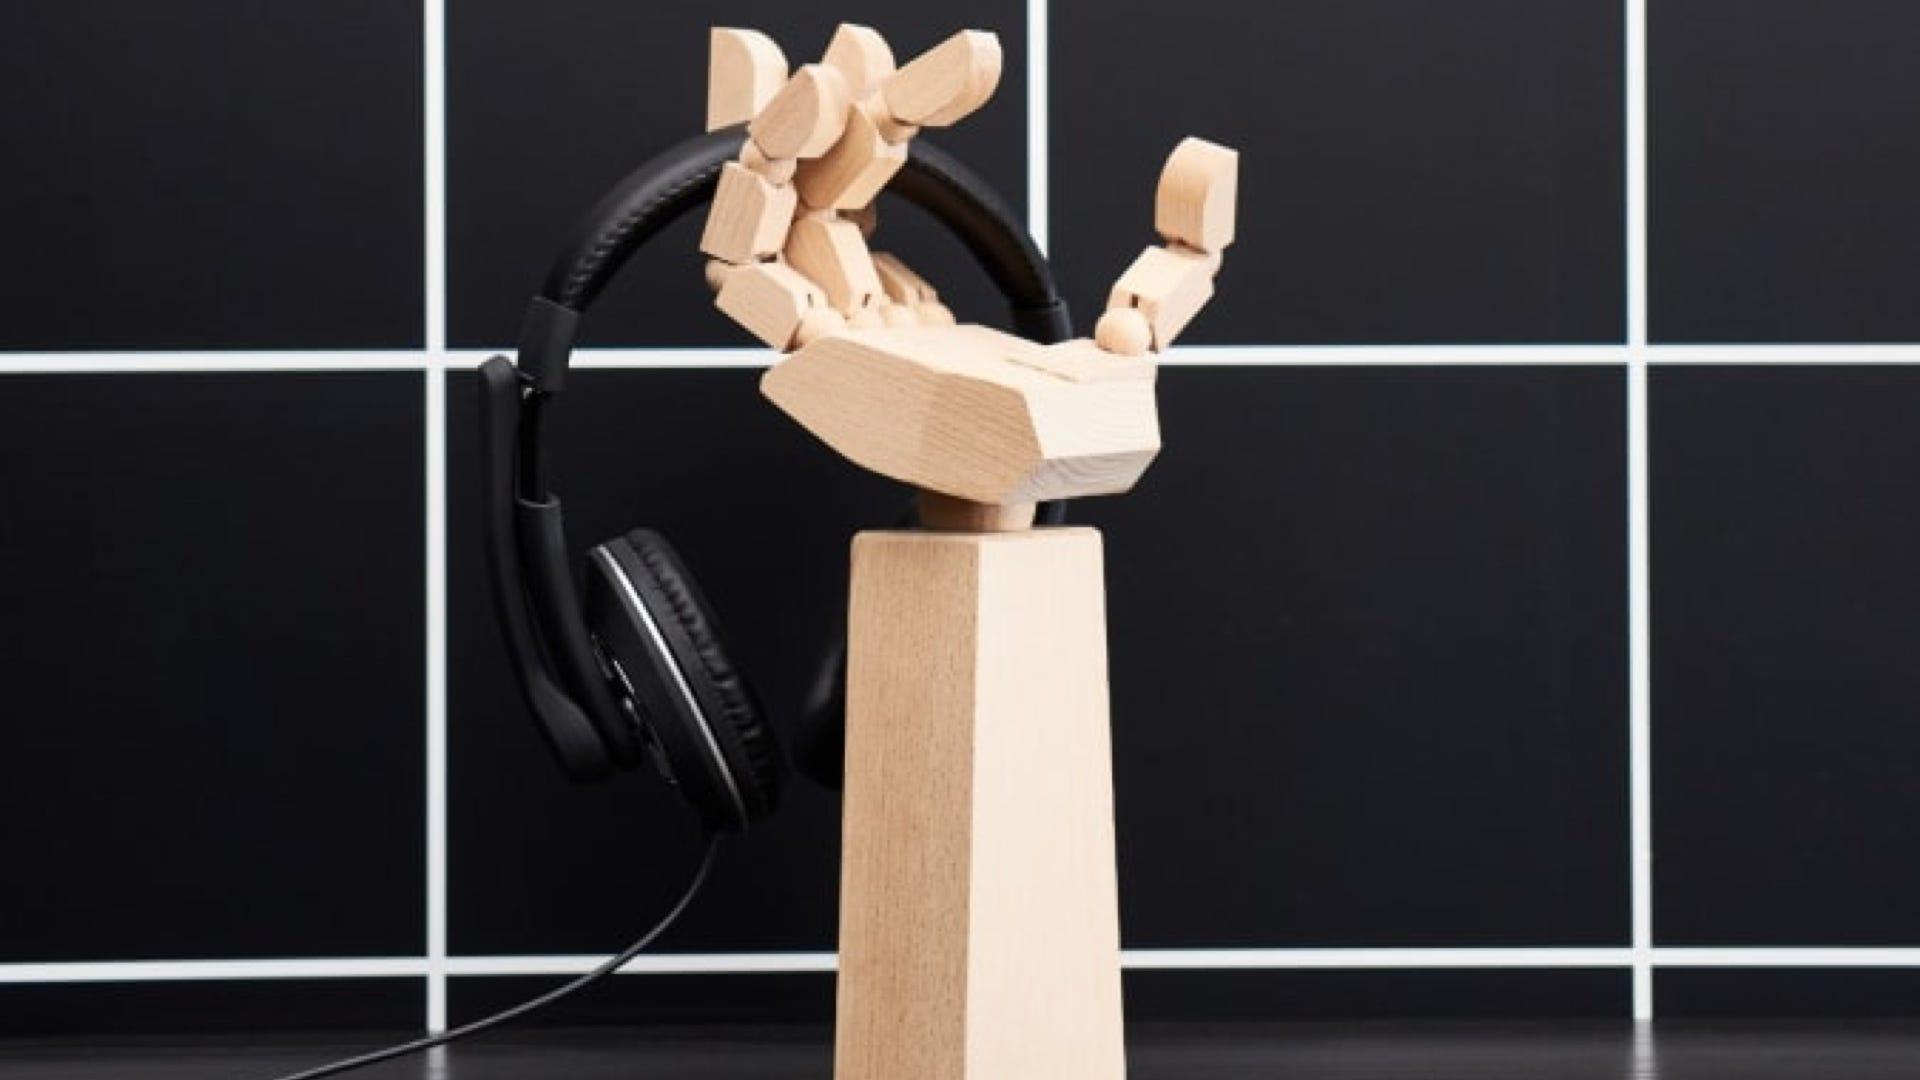 IKEA ASUS headphone holder